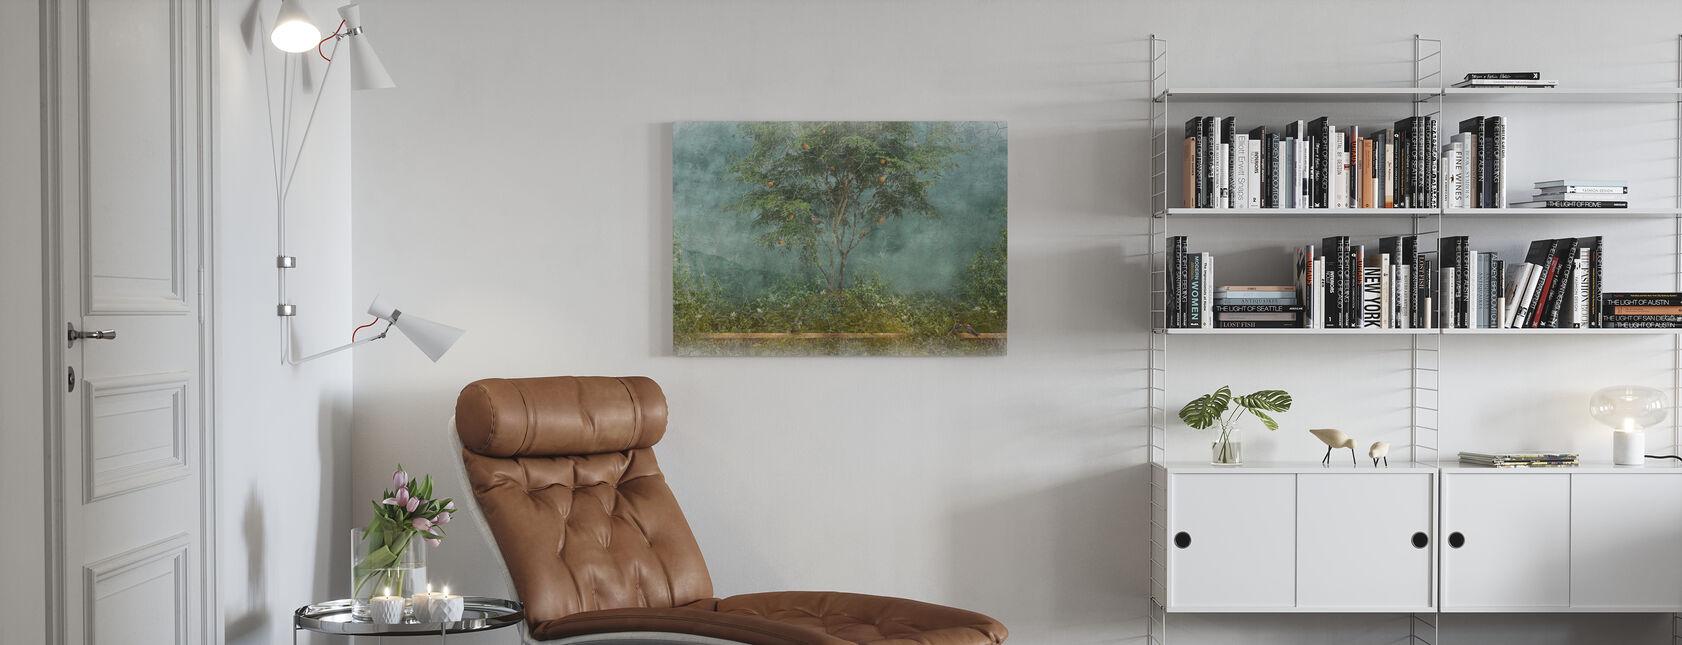 Stary postrzępiony pomalowany mur - Obraz na płótnie - Pokój dzienny